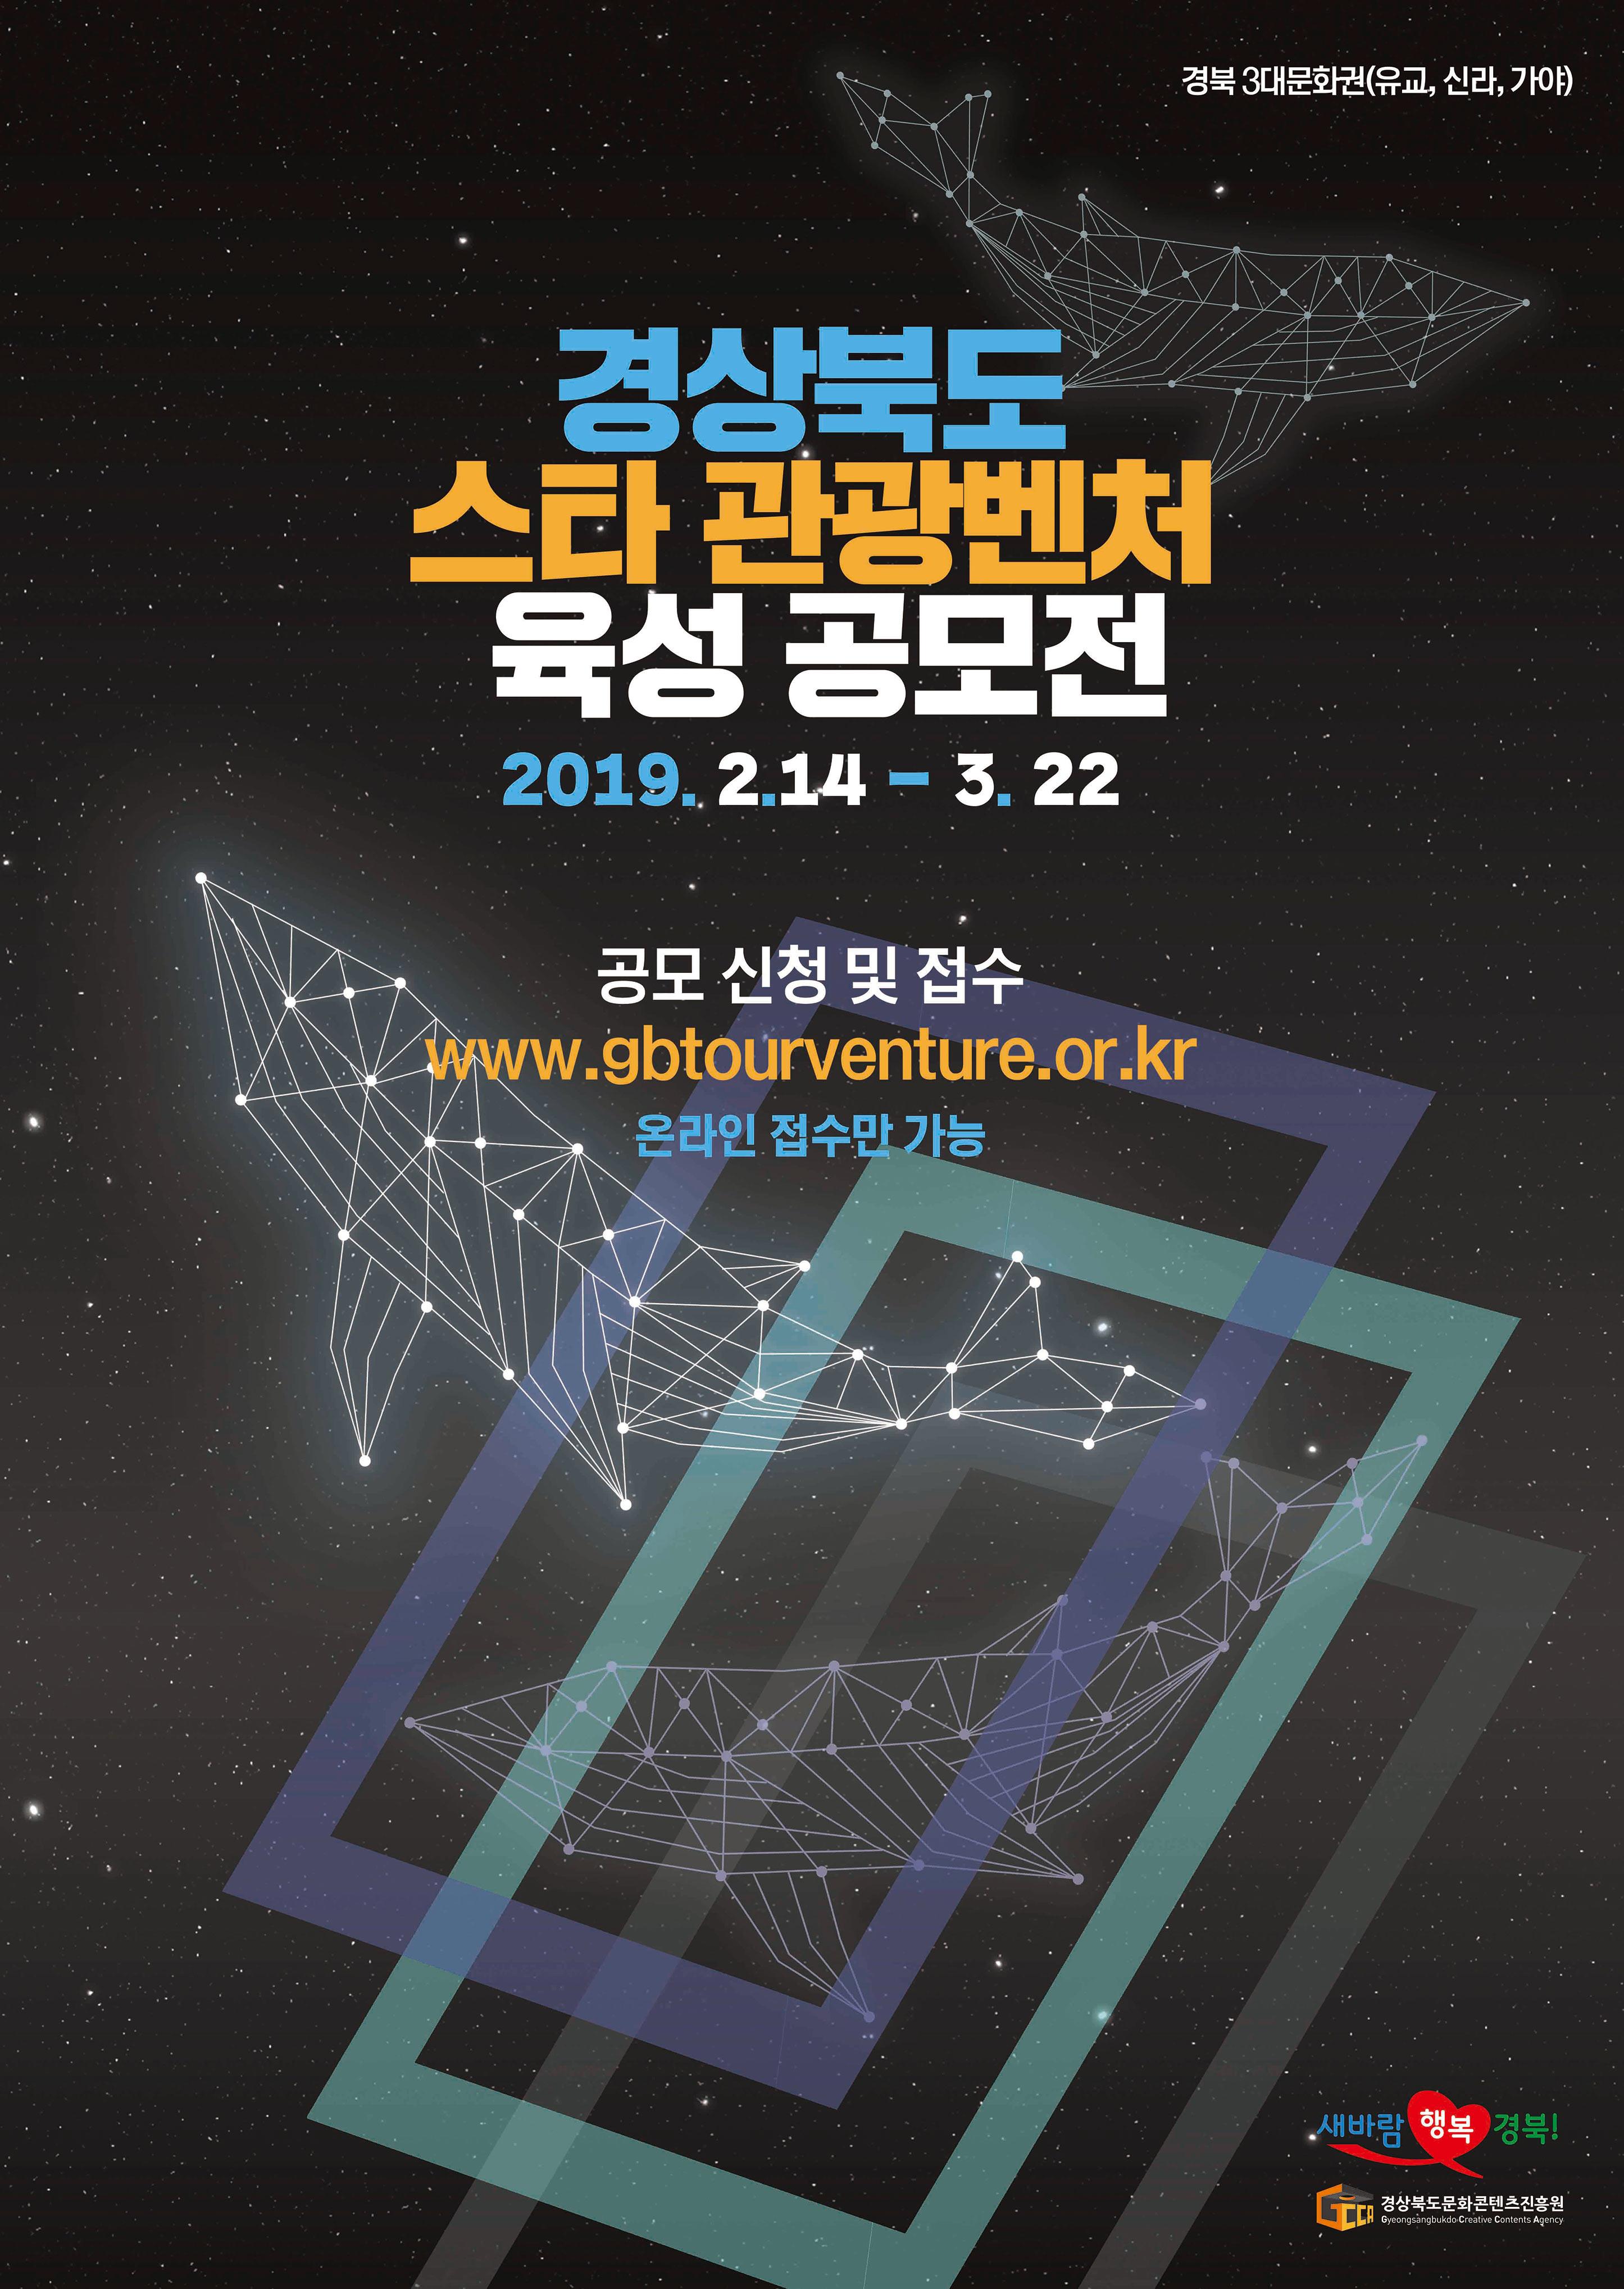 경북 3대 문화권 스타 관광벤처 육성 공모전